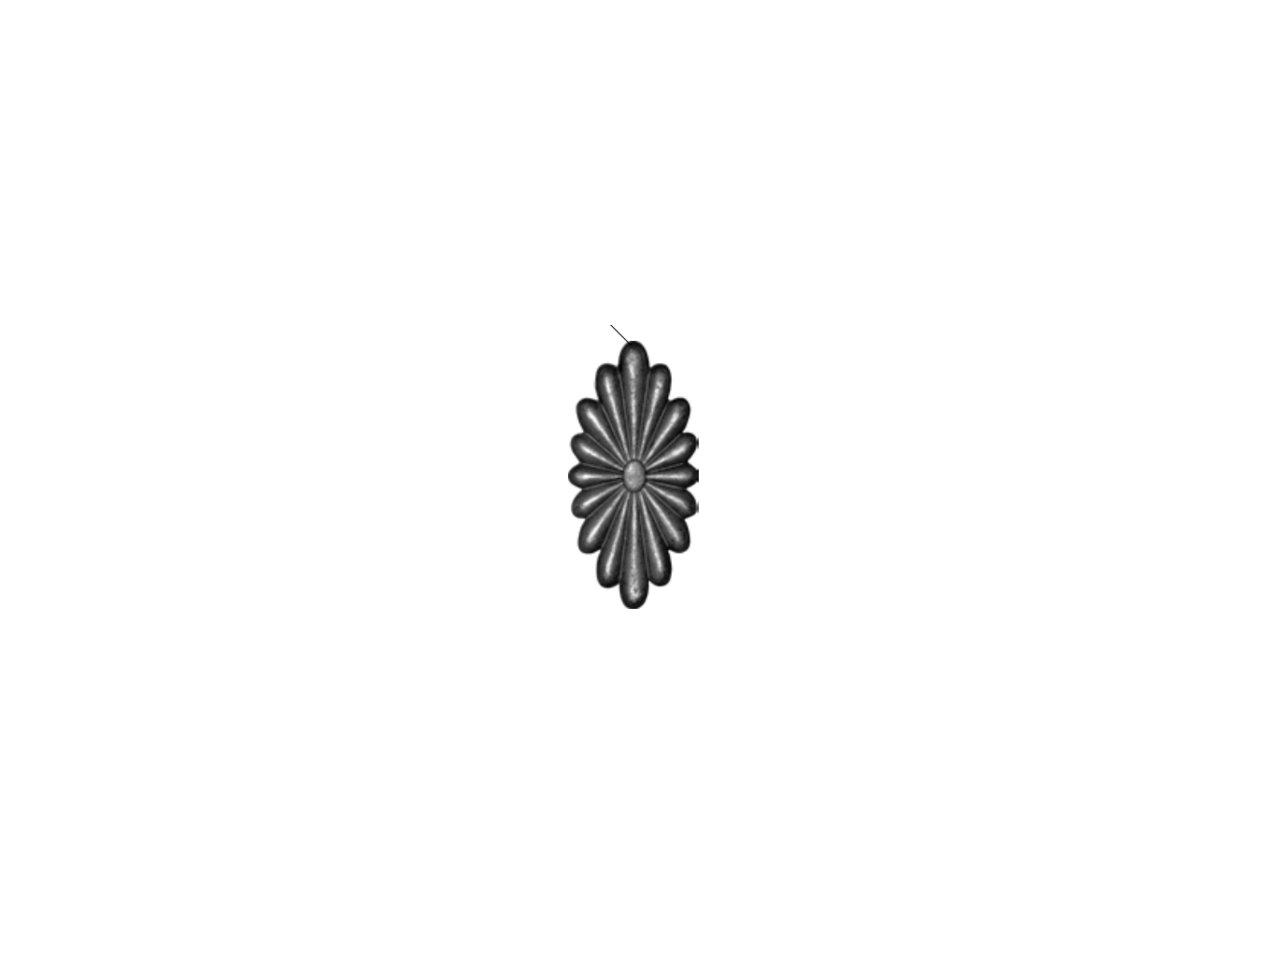 Daszek stalowy kwadrat 14.710.02 165 x 165mm